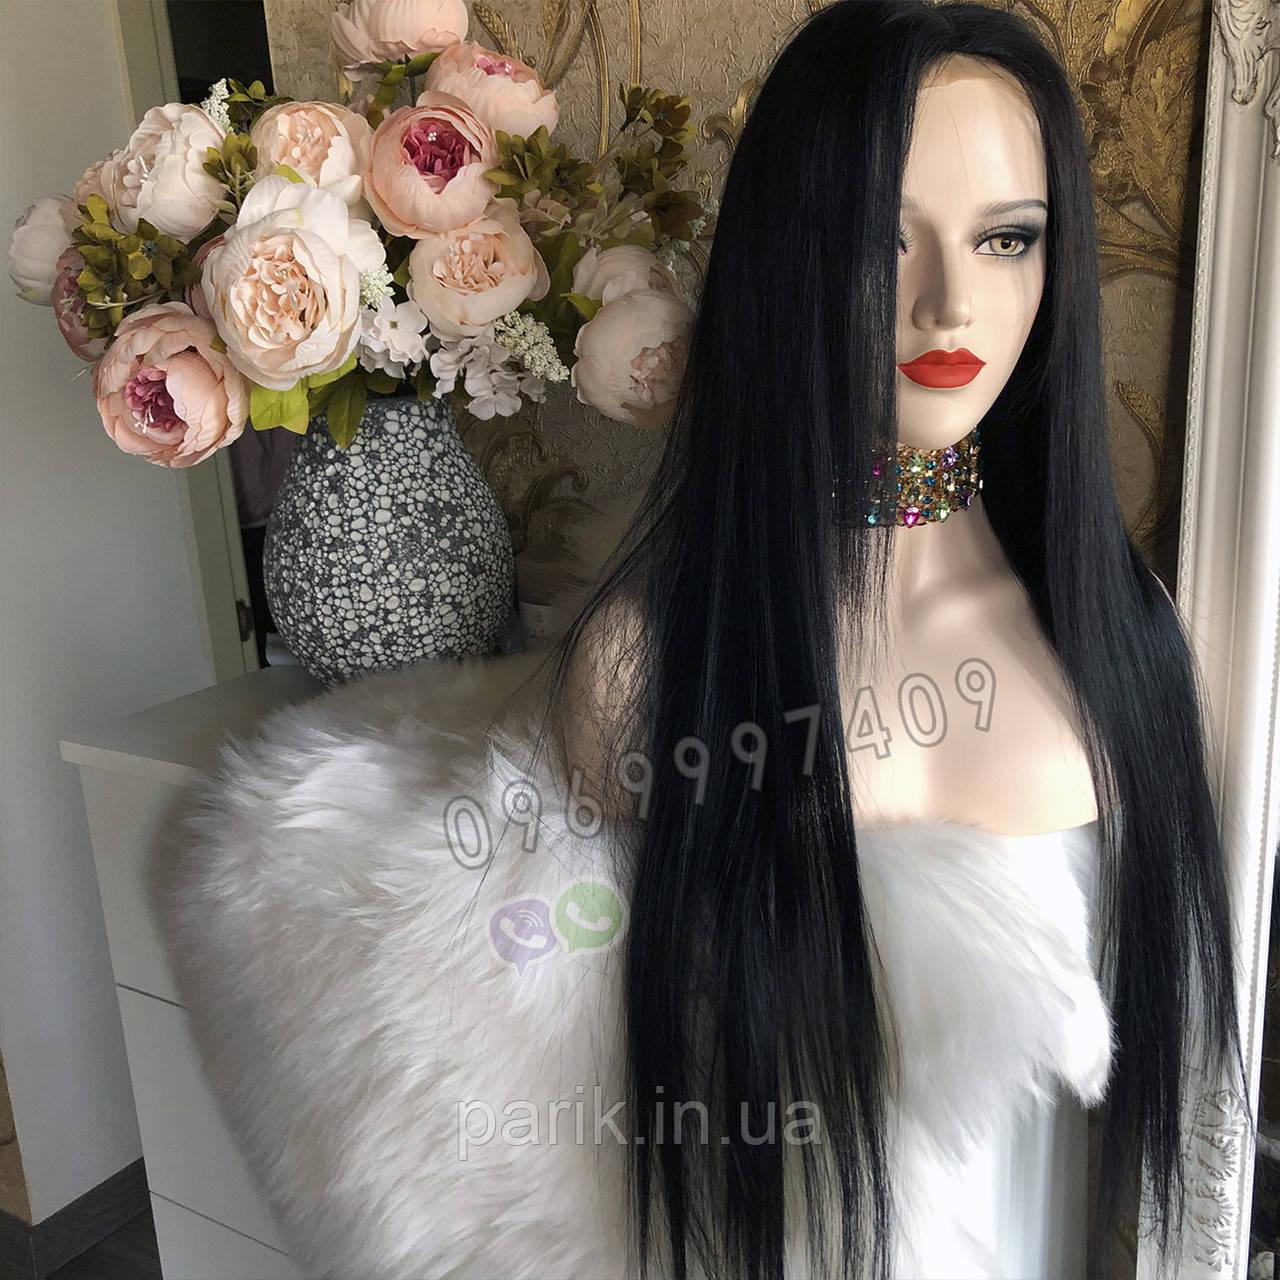 Довгий чорний парик 95 див. без чубчика, натуральний волосся